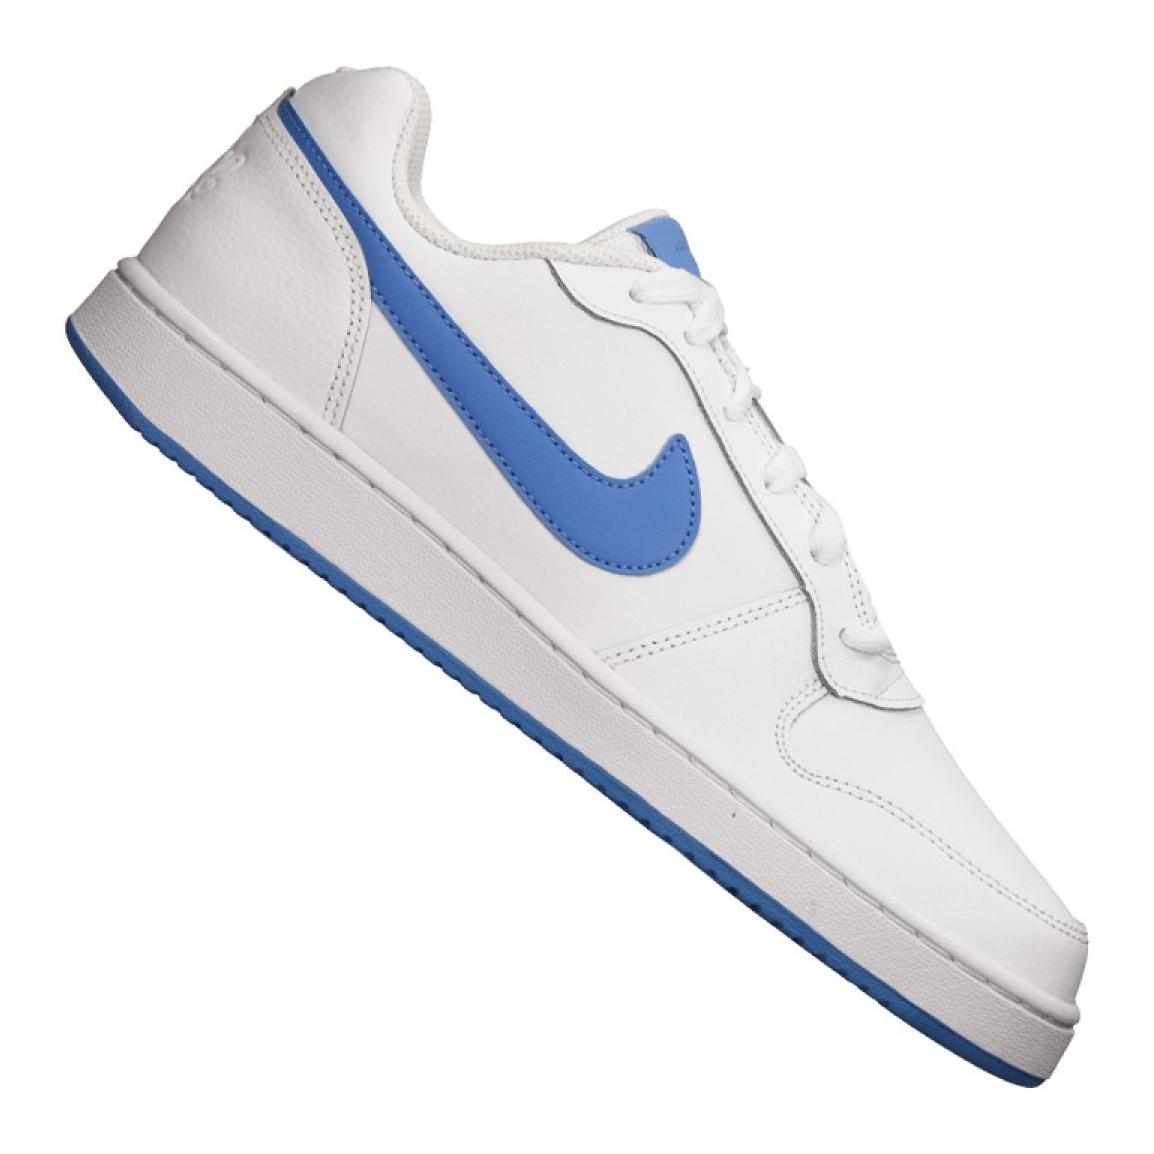 Comprar Mujer Zapatillas de deporte Nike Ebernon Low Blanco